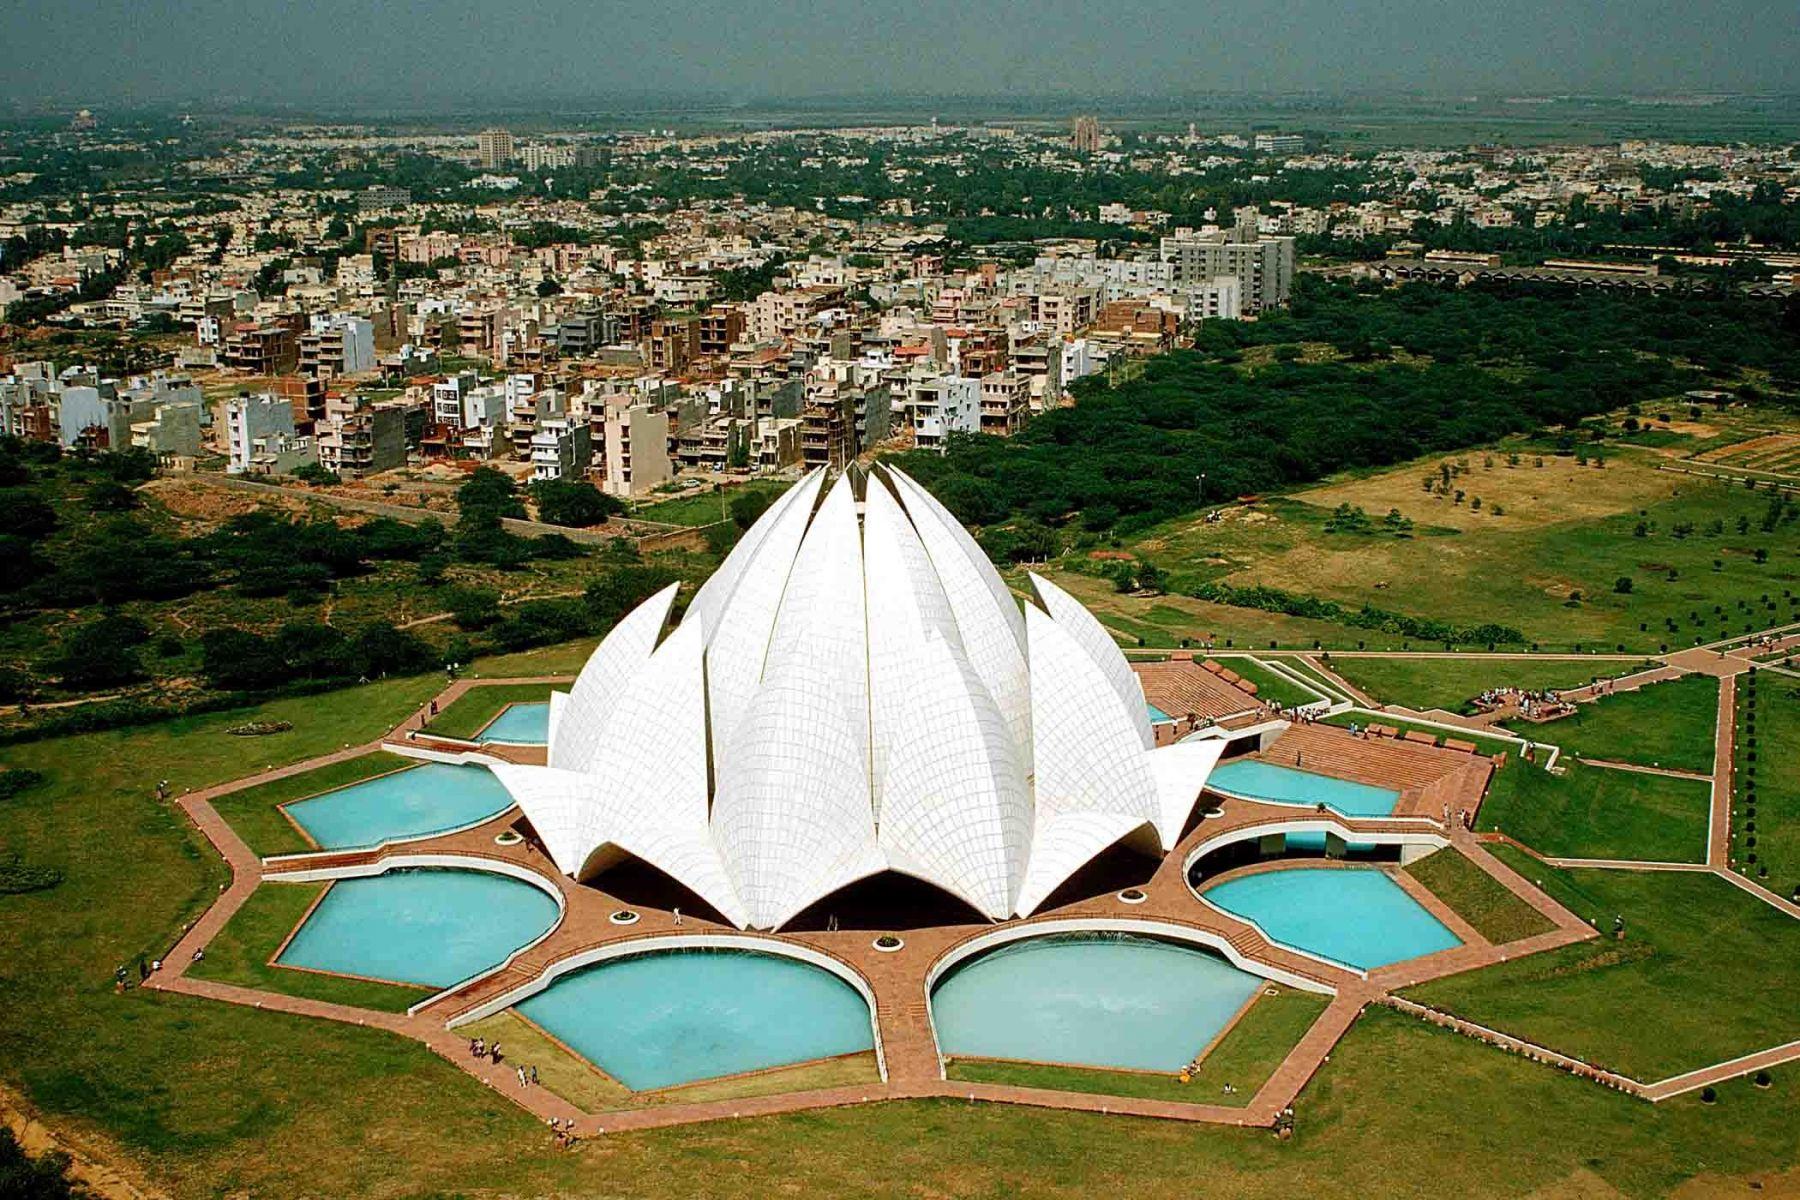 Beautiful_Lotus_Temple_in_Delhi_India_HD_Wallpaper.jpg